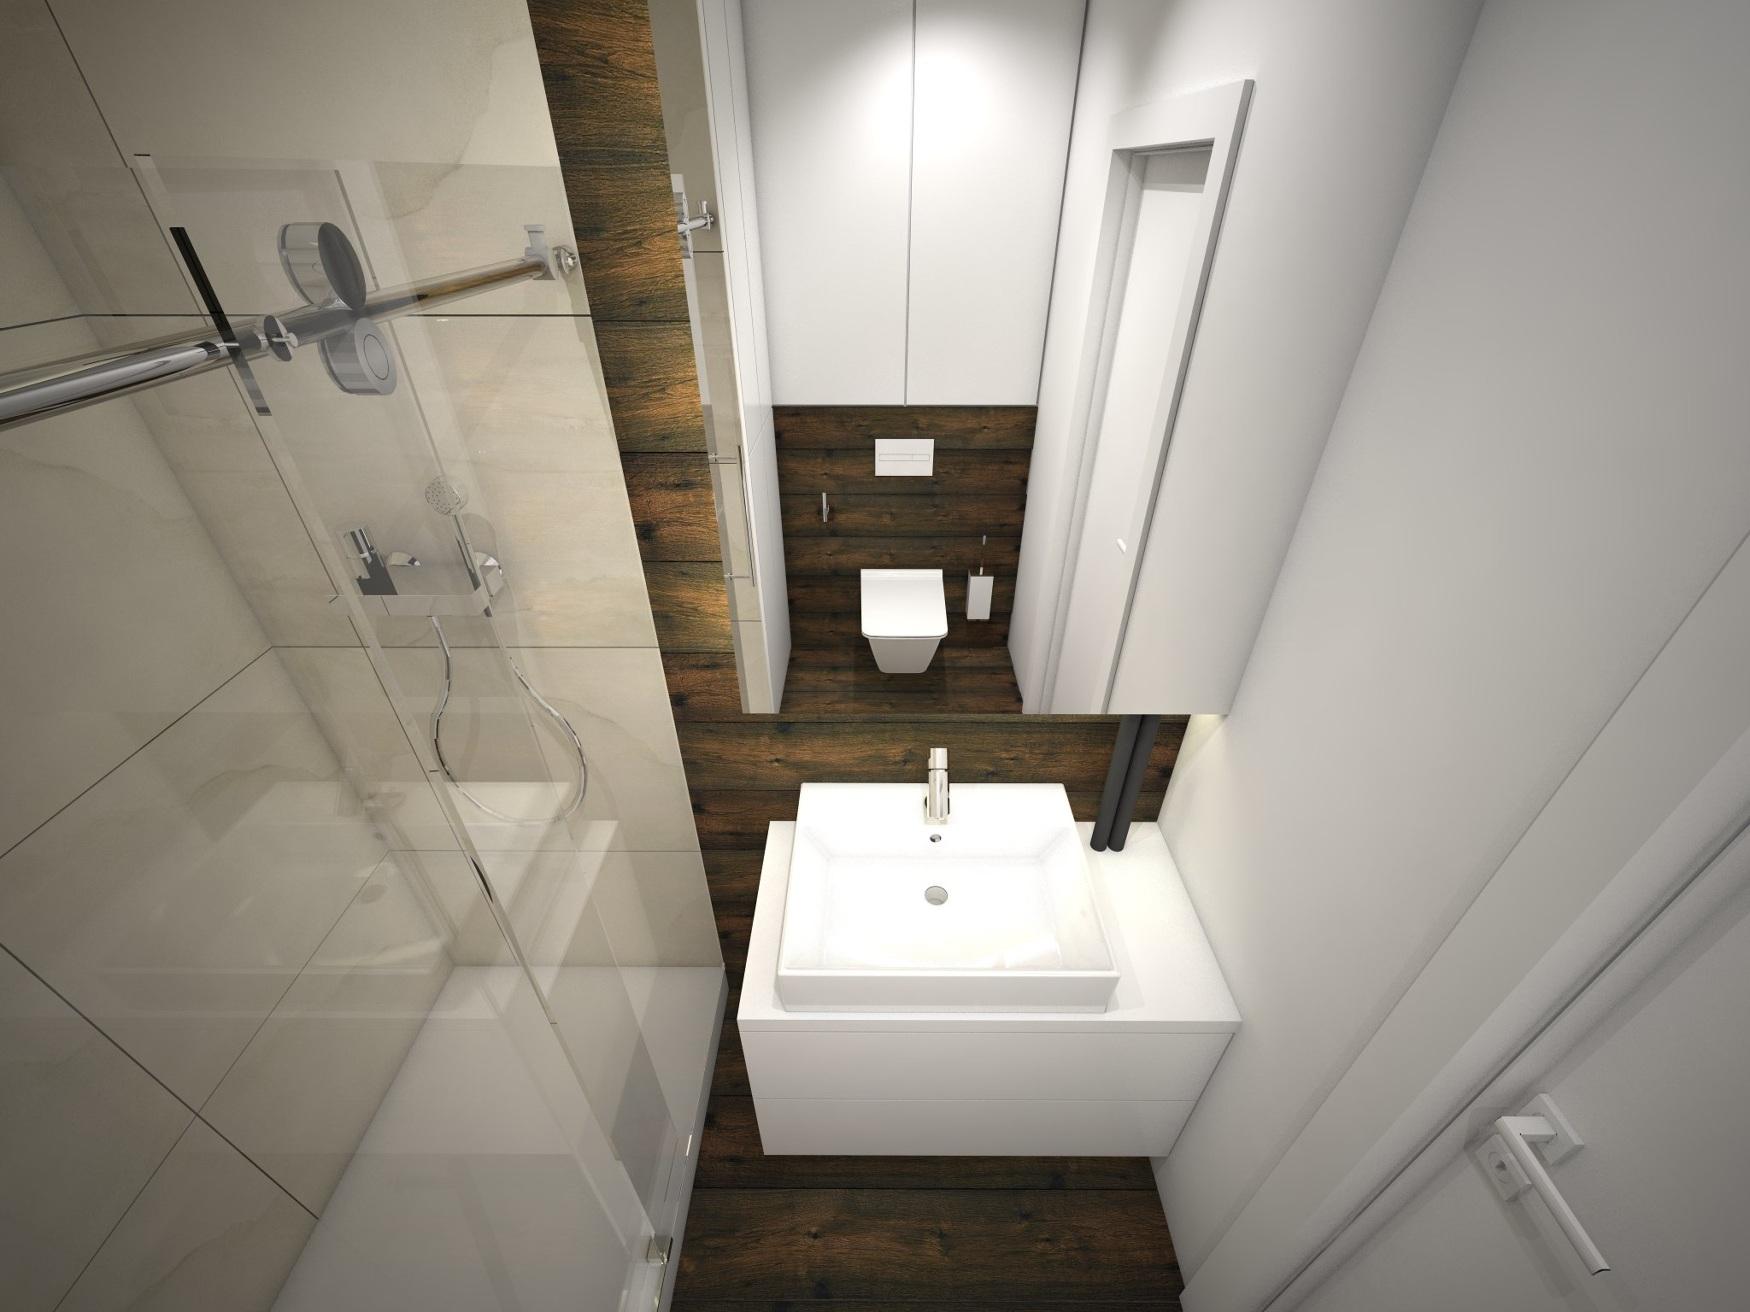 Projekty łazienek Zbigniew Czyż Projektowanie Wnętrz Rzeszów